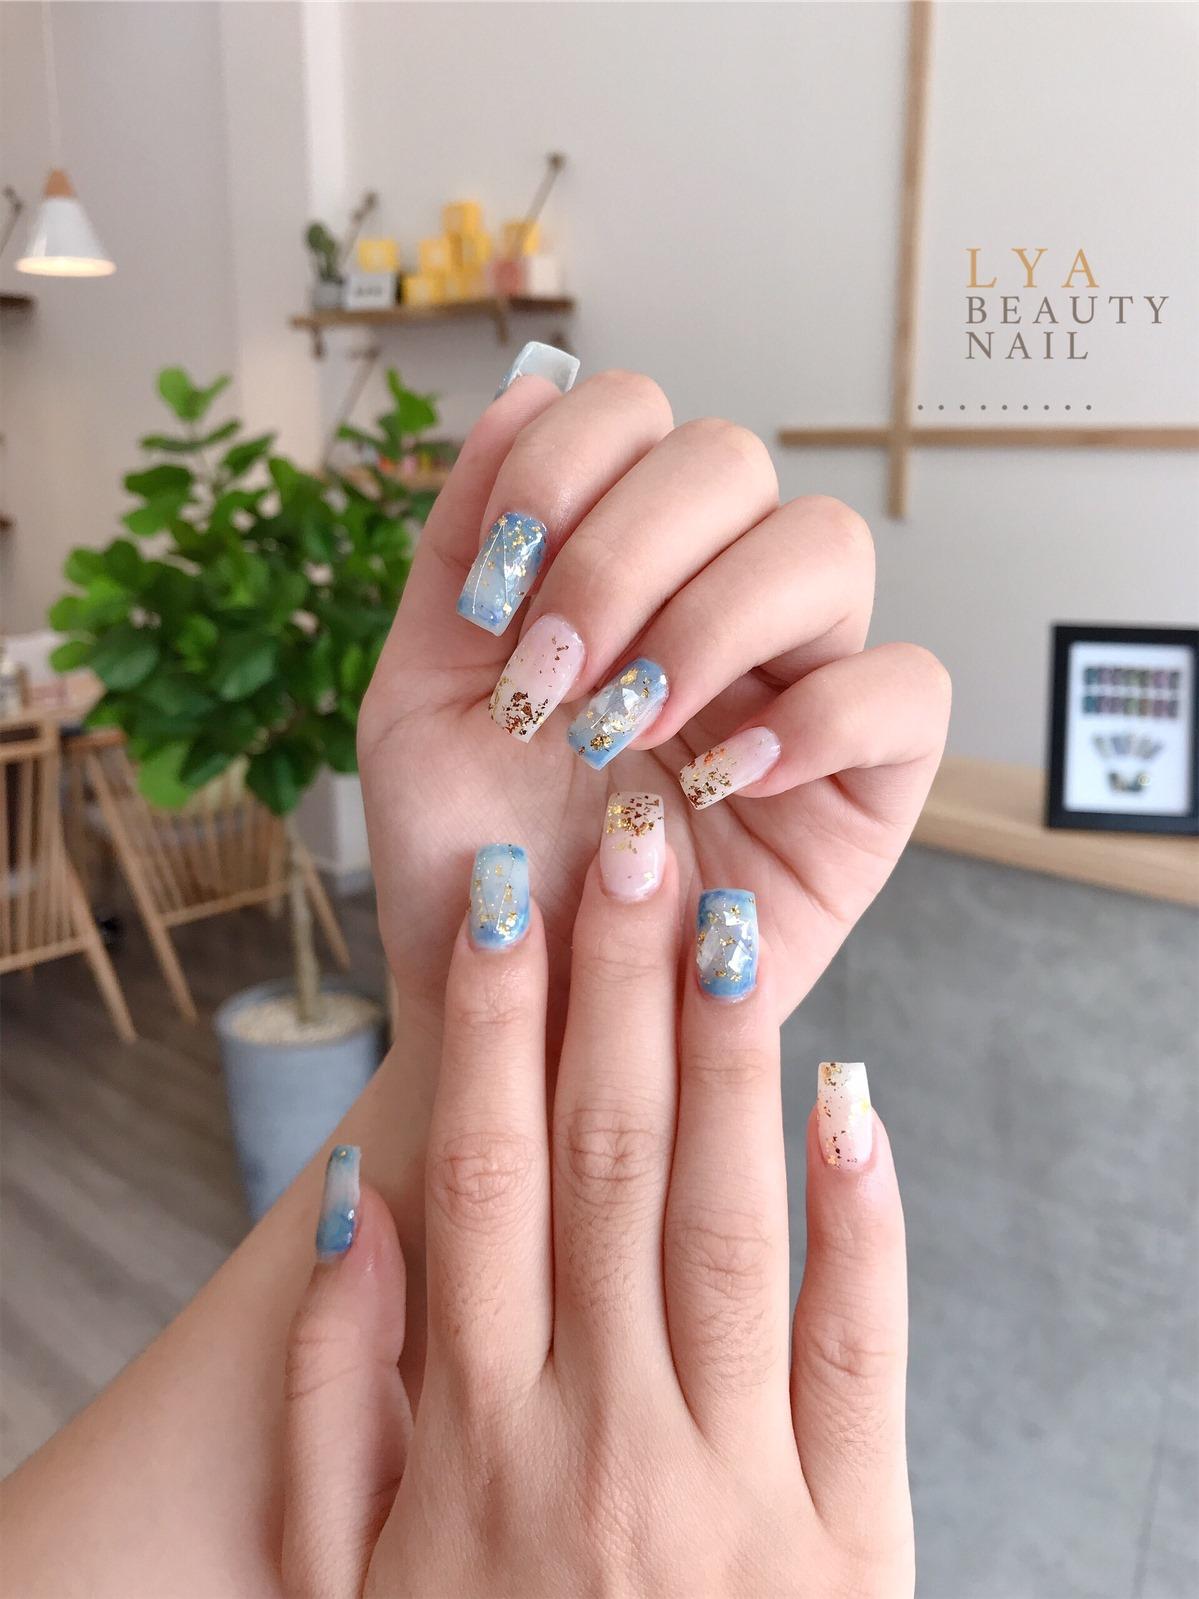 diochj vụ nail Lya Beauty Room